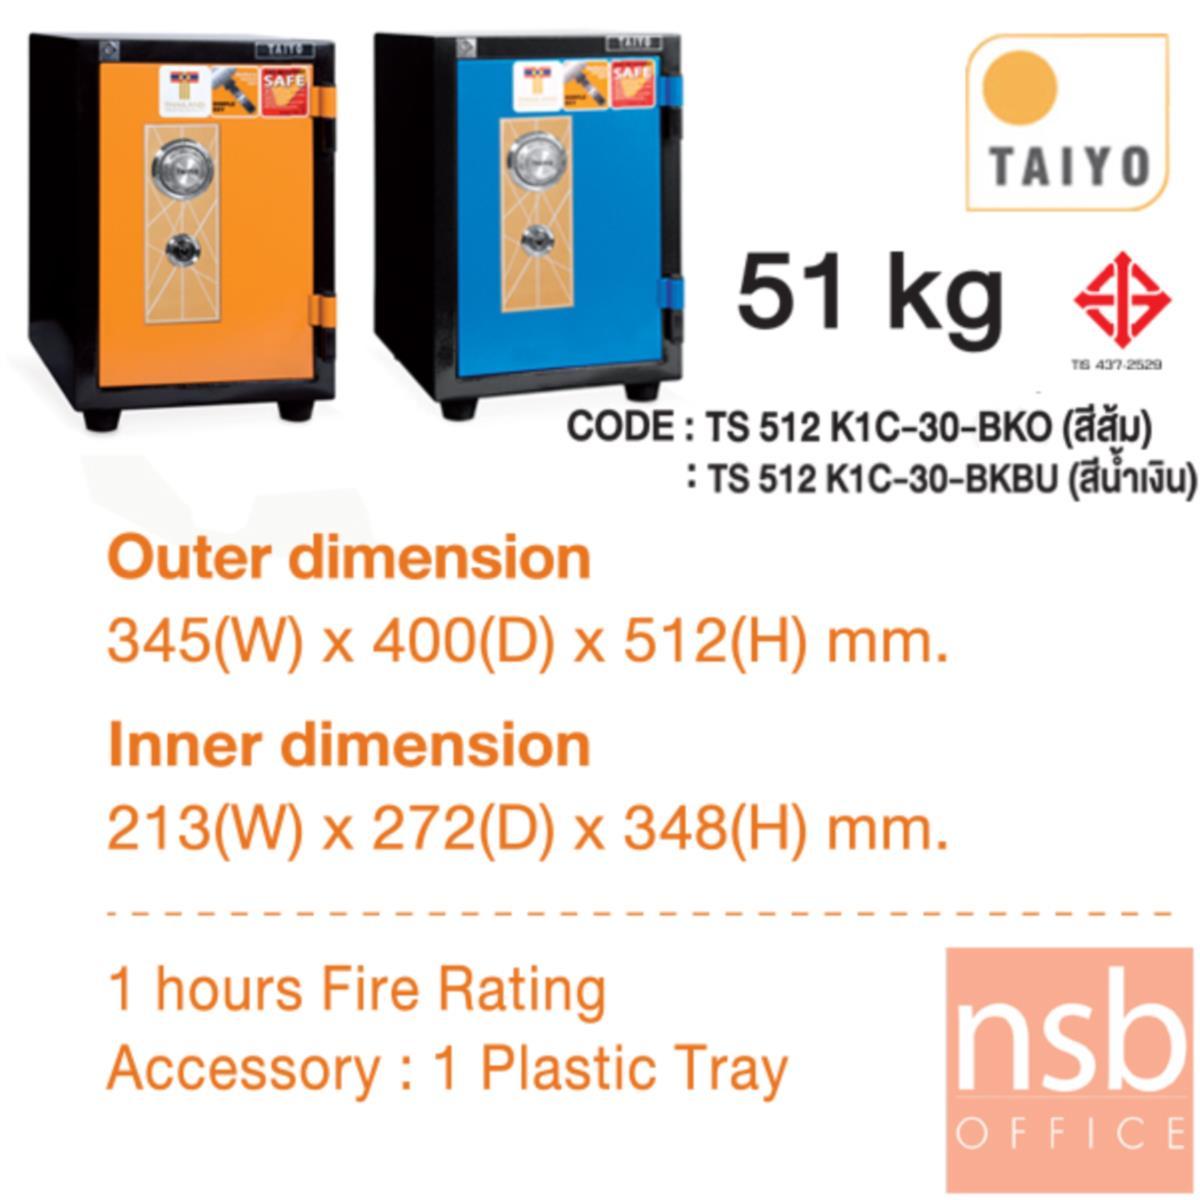 ตู้เซฟ TAIYO รุ่น 51 กก. หน้าบานสีสัน 1 กุญแจ 1 รหัส(TS512K1C-30-BK)